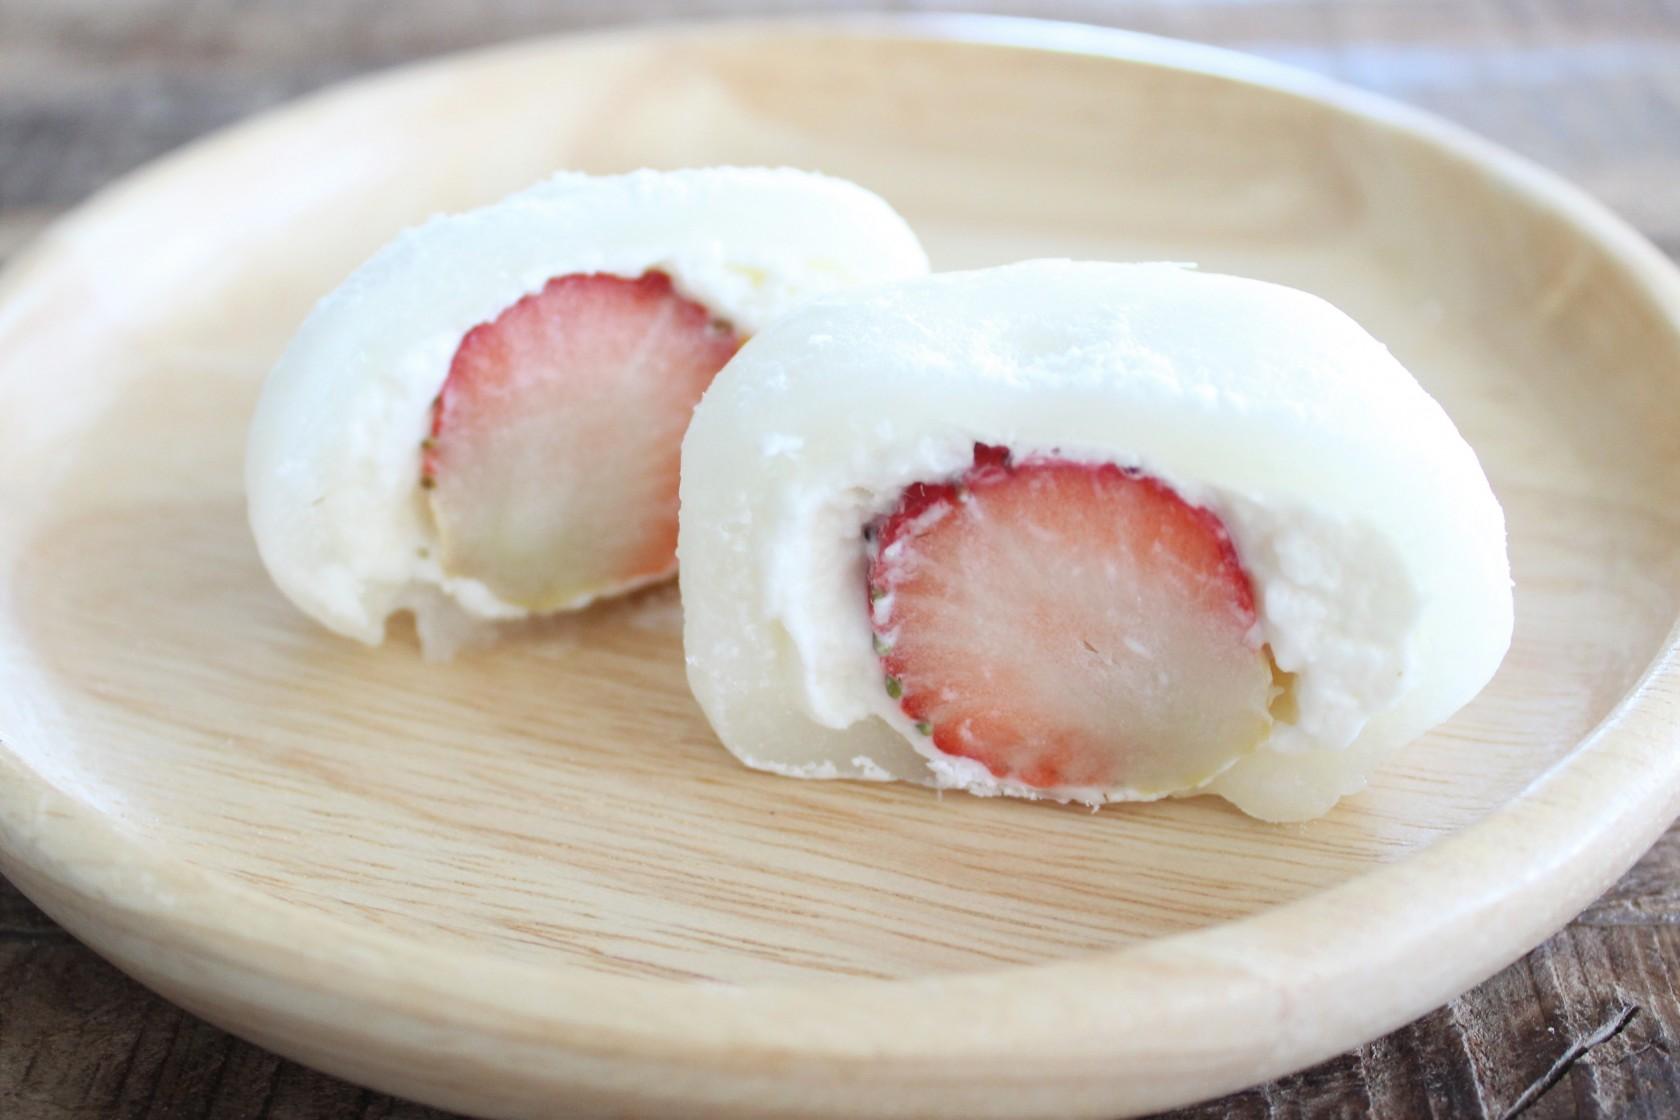 【インスタで話題に!】ローソン「まるごと苺クリーム大福」の断面が美しすぎる!